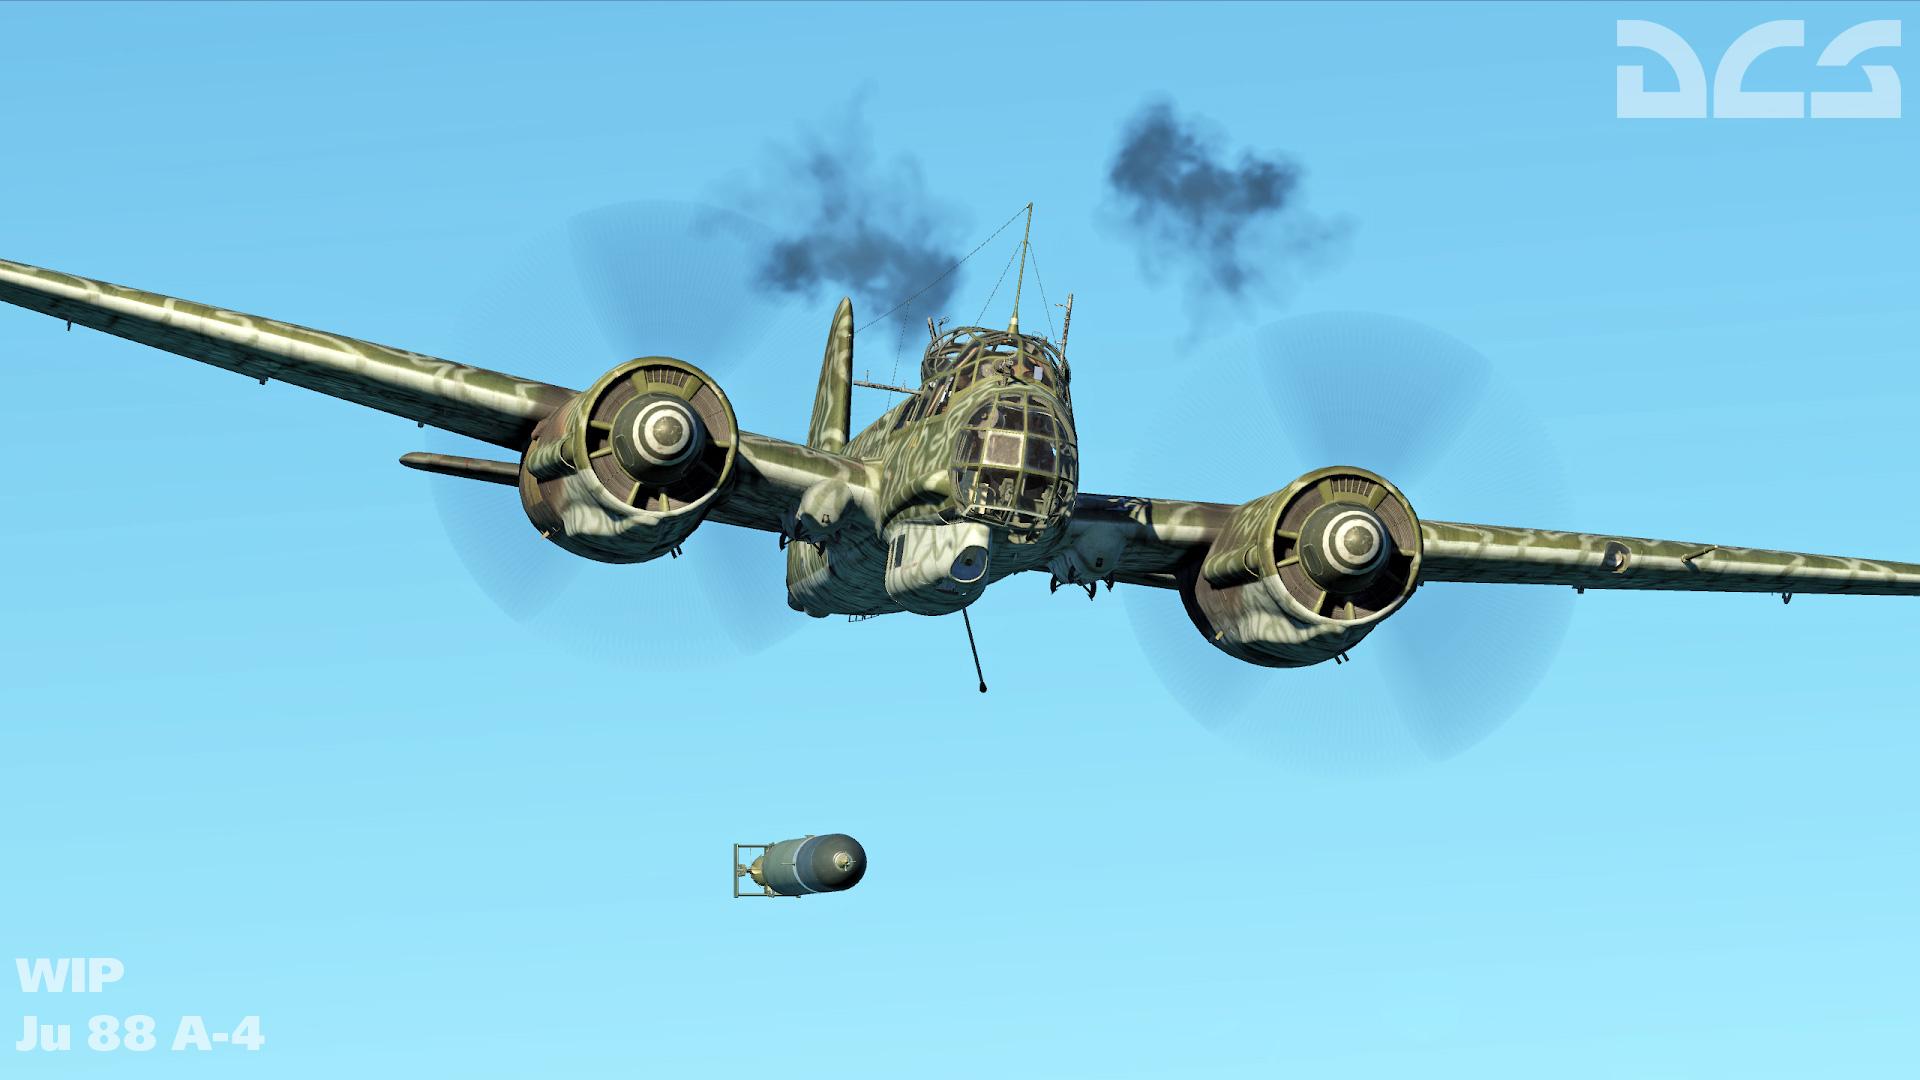 2020-01-23-Ju-88-A-4-01.jpg